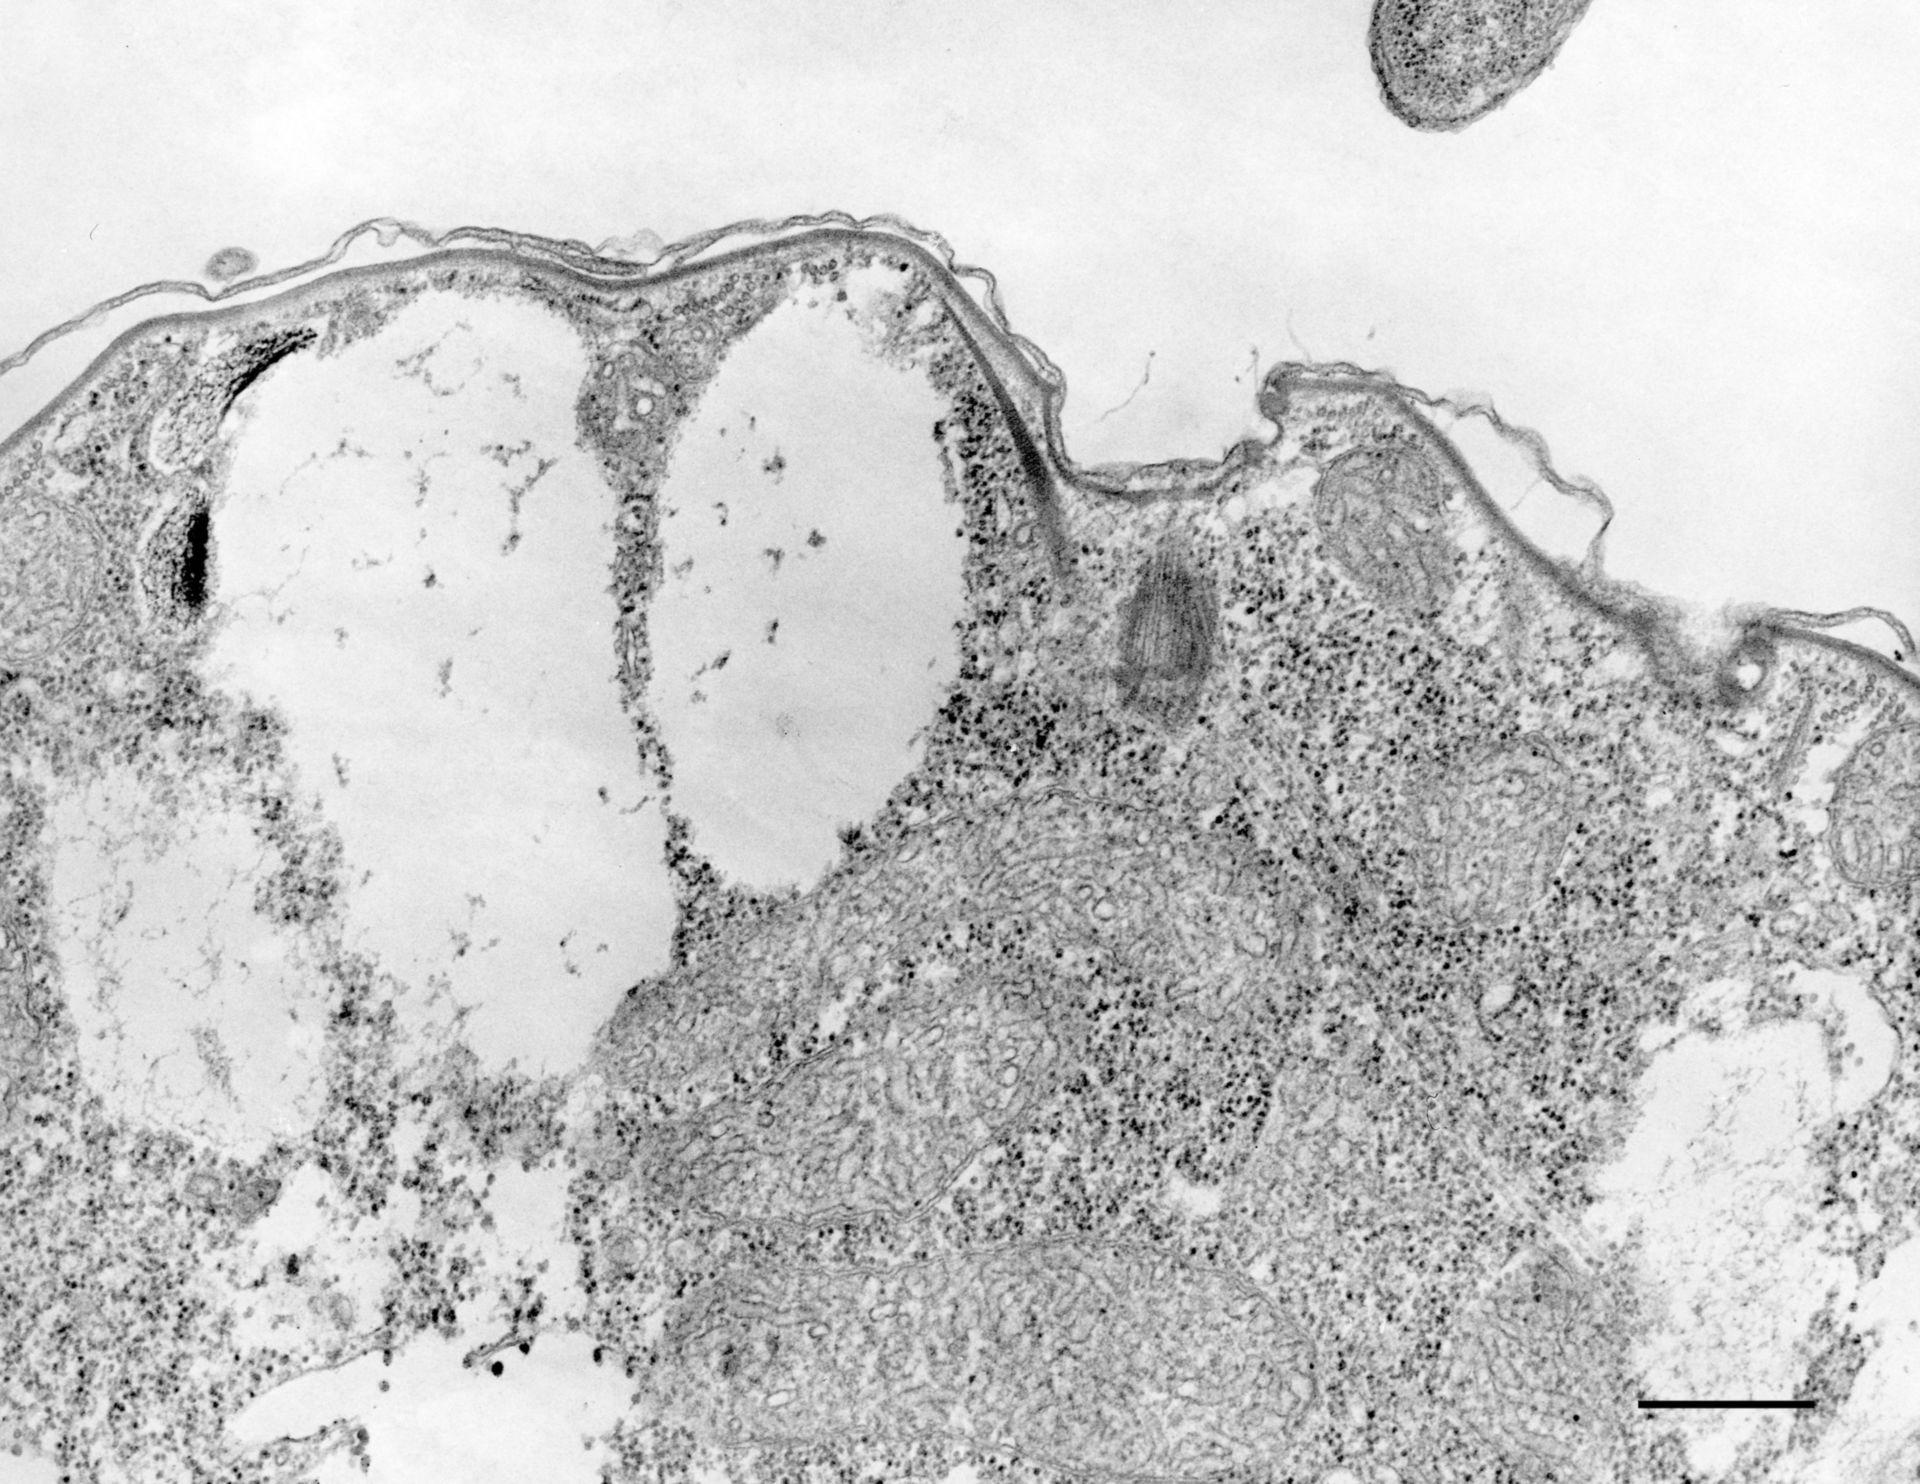 Colpoda cucullus (Epiplasm) - CIL:12110